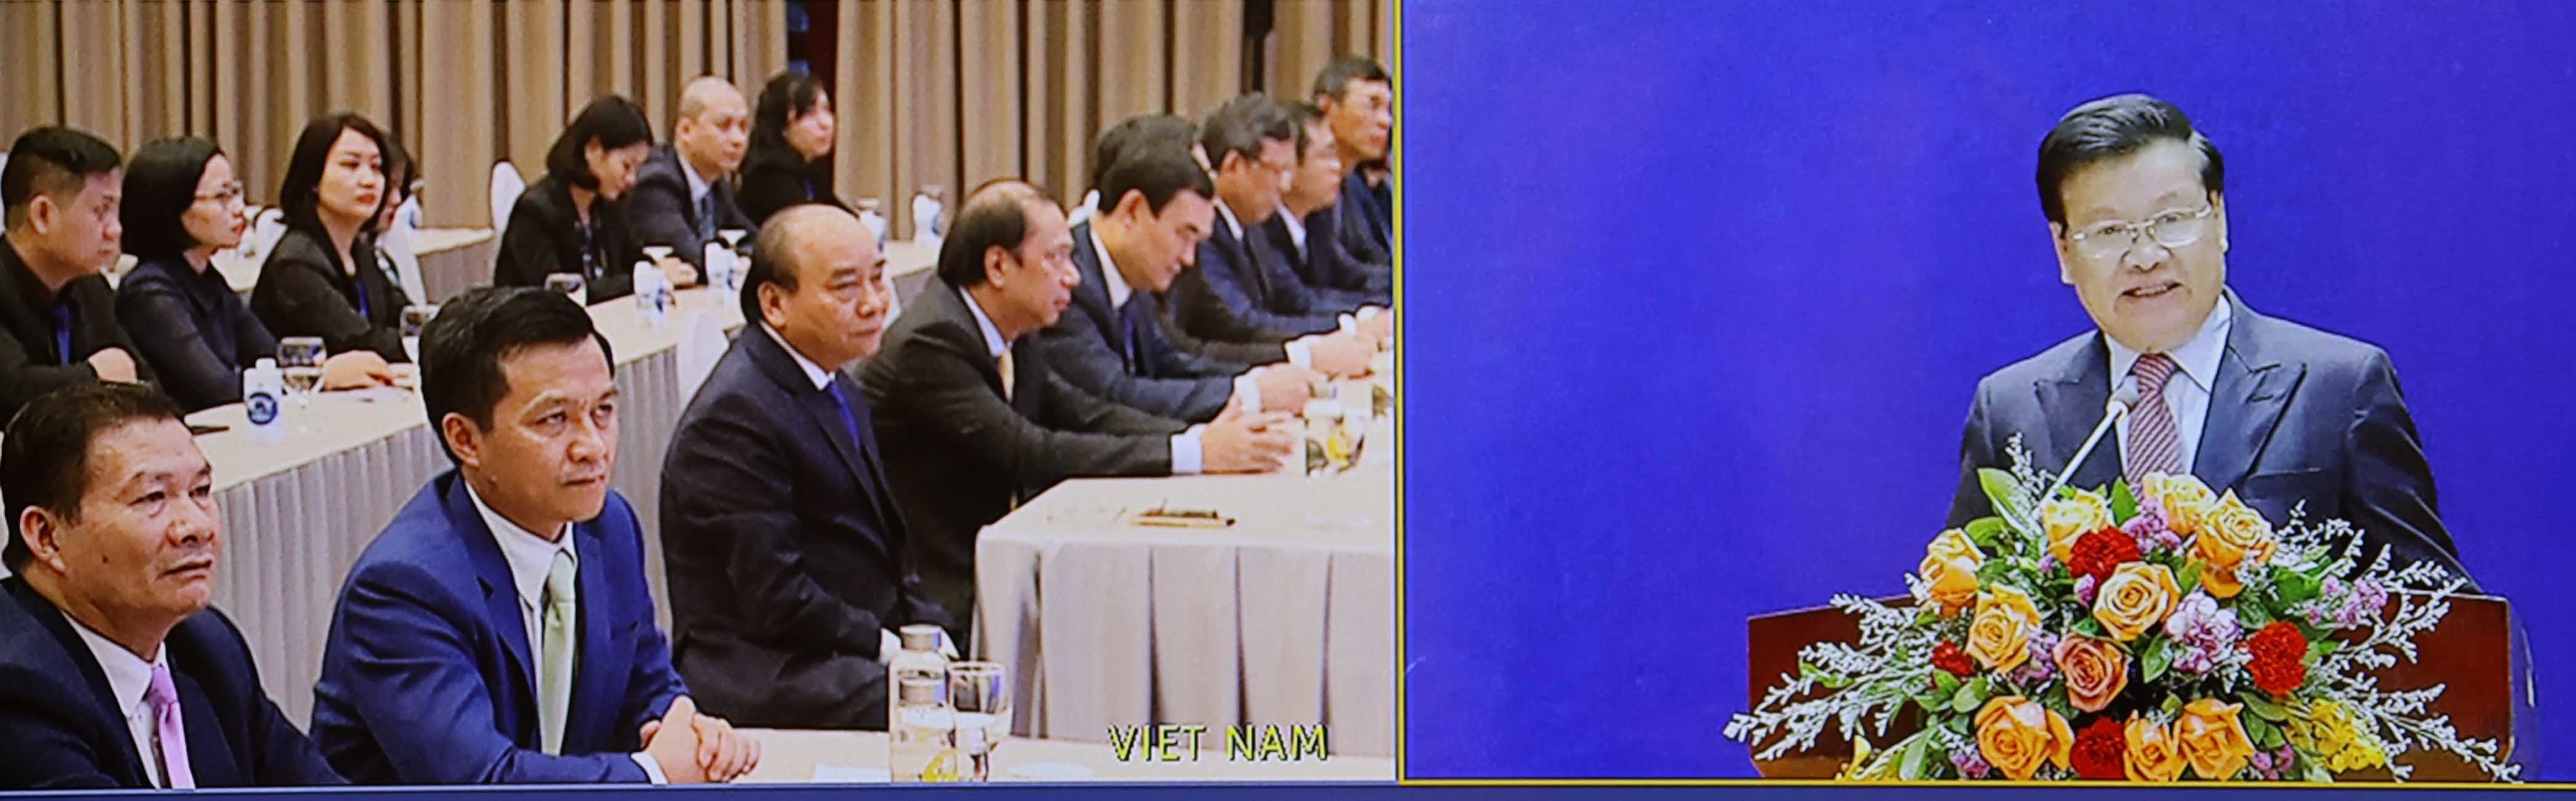 'Hạt gạo cắn đôi, cọng rau bẻ nửa', Việt Nam tặng Lào 1.000 tấn gạo